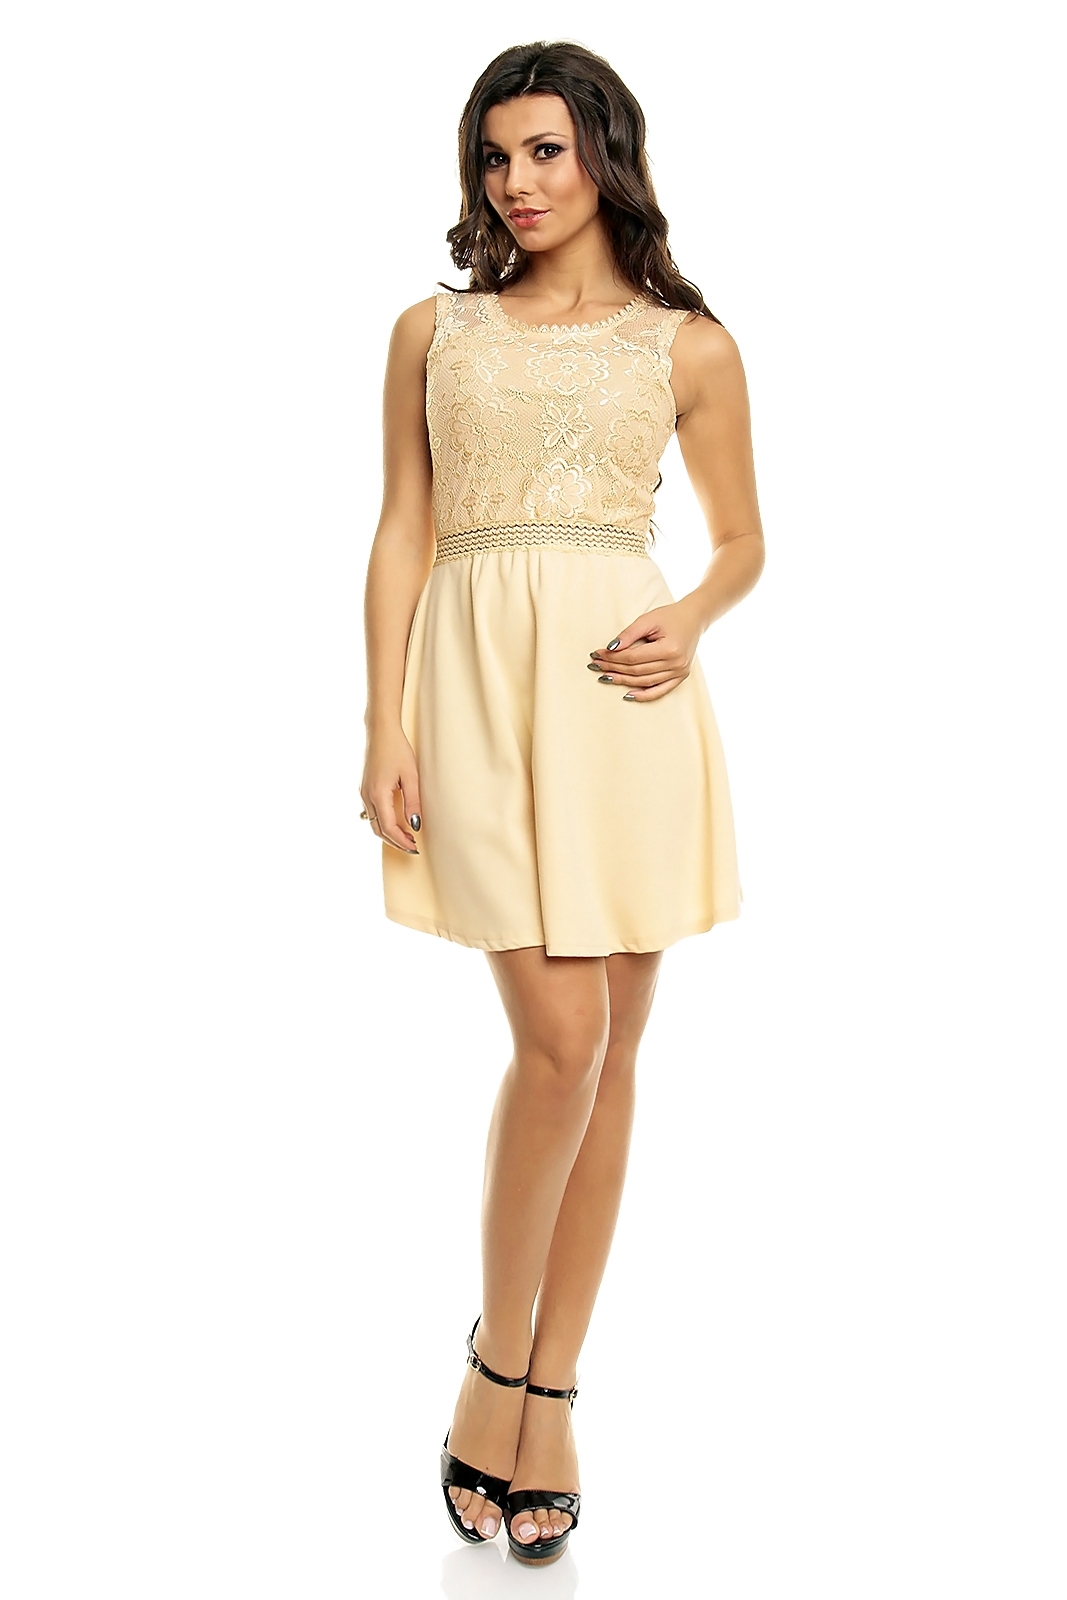 Dámske šaty PARIS ET MOI s čipkovaným živôtikom krátke béžové - Béžová / L - Paris Et Moi béžová L